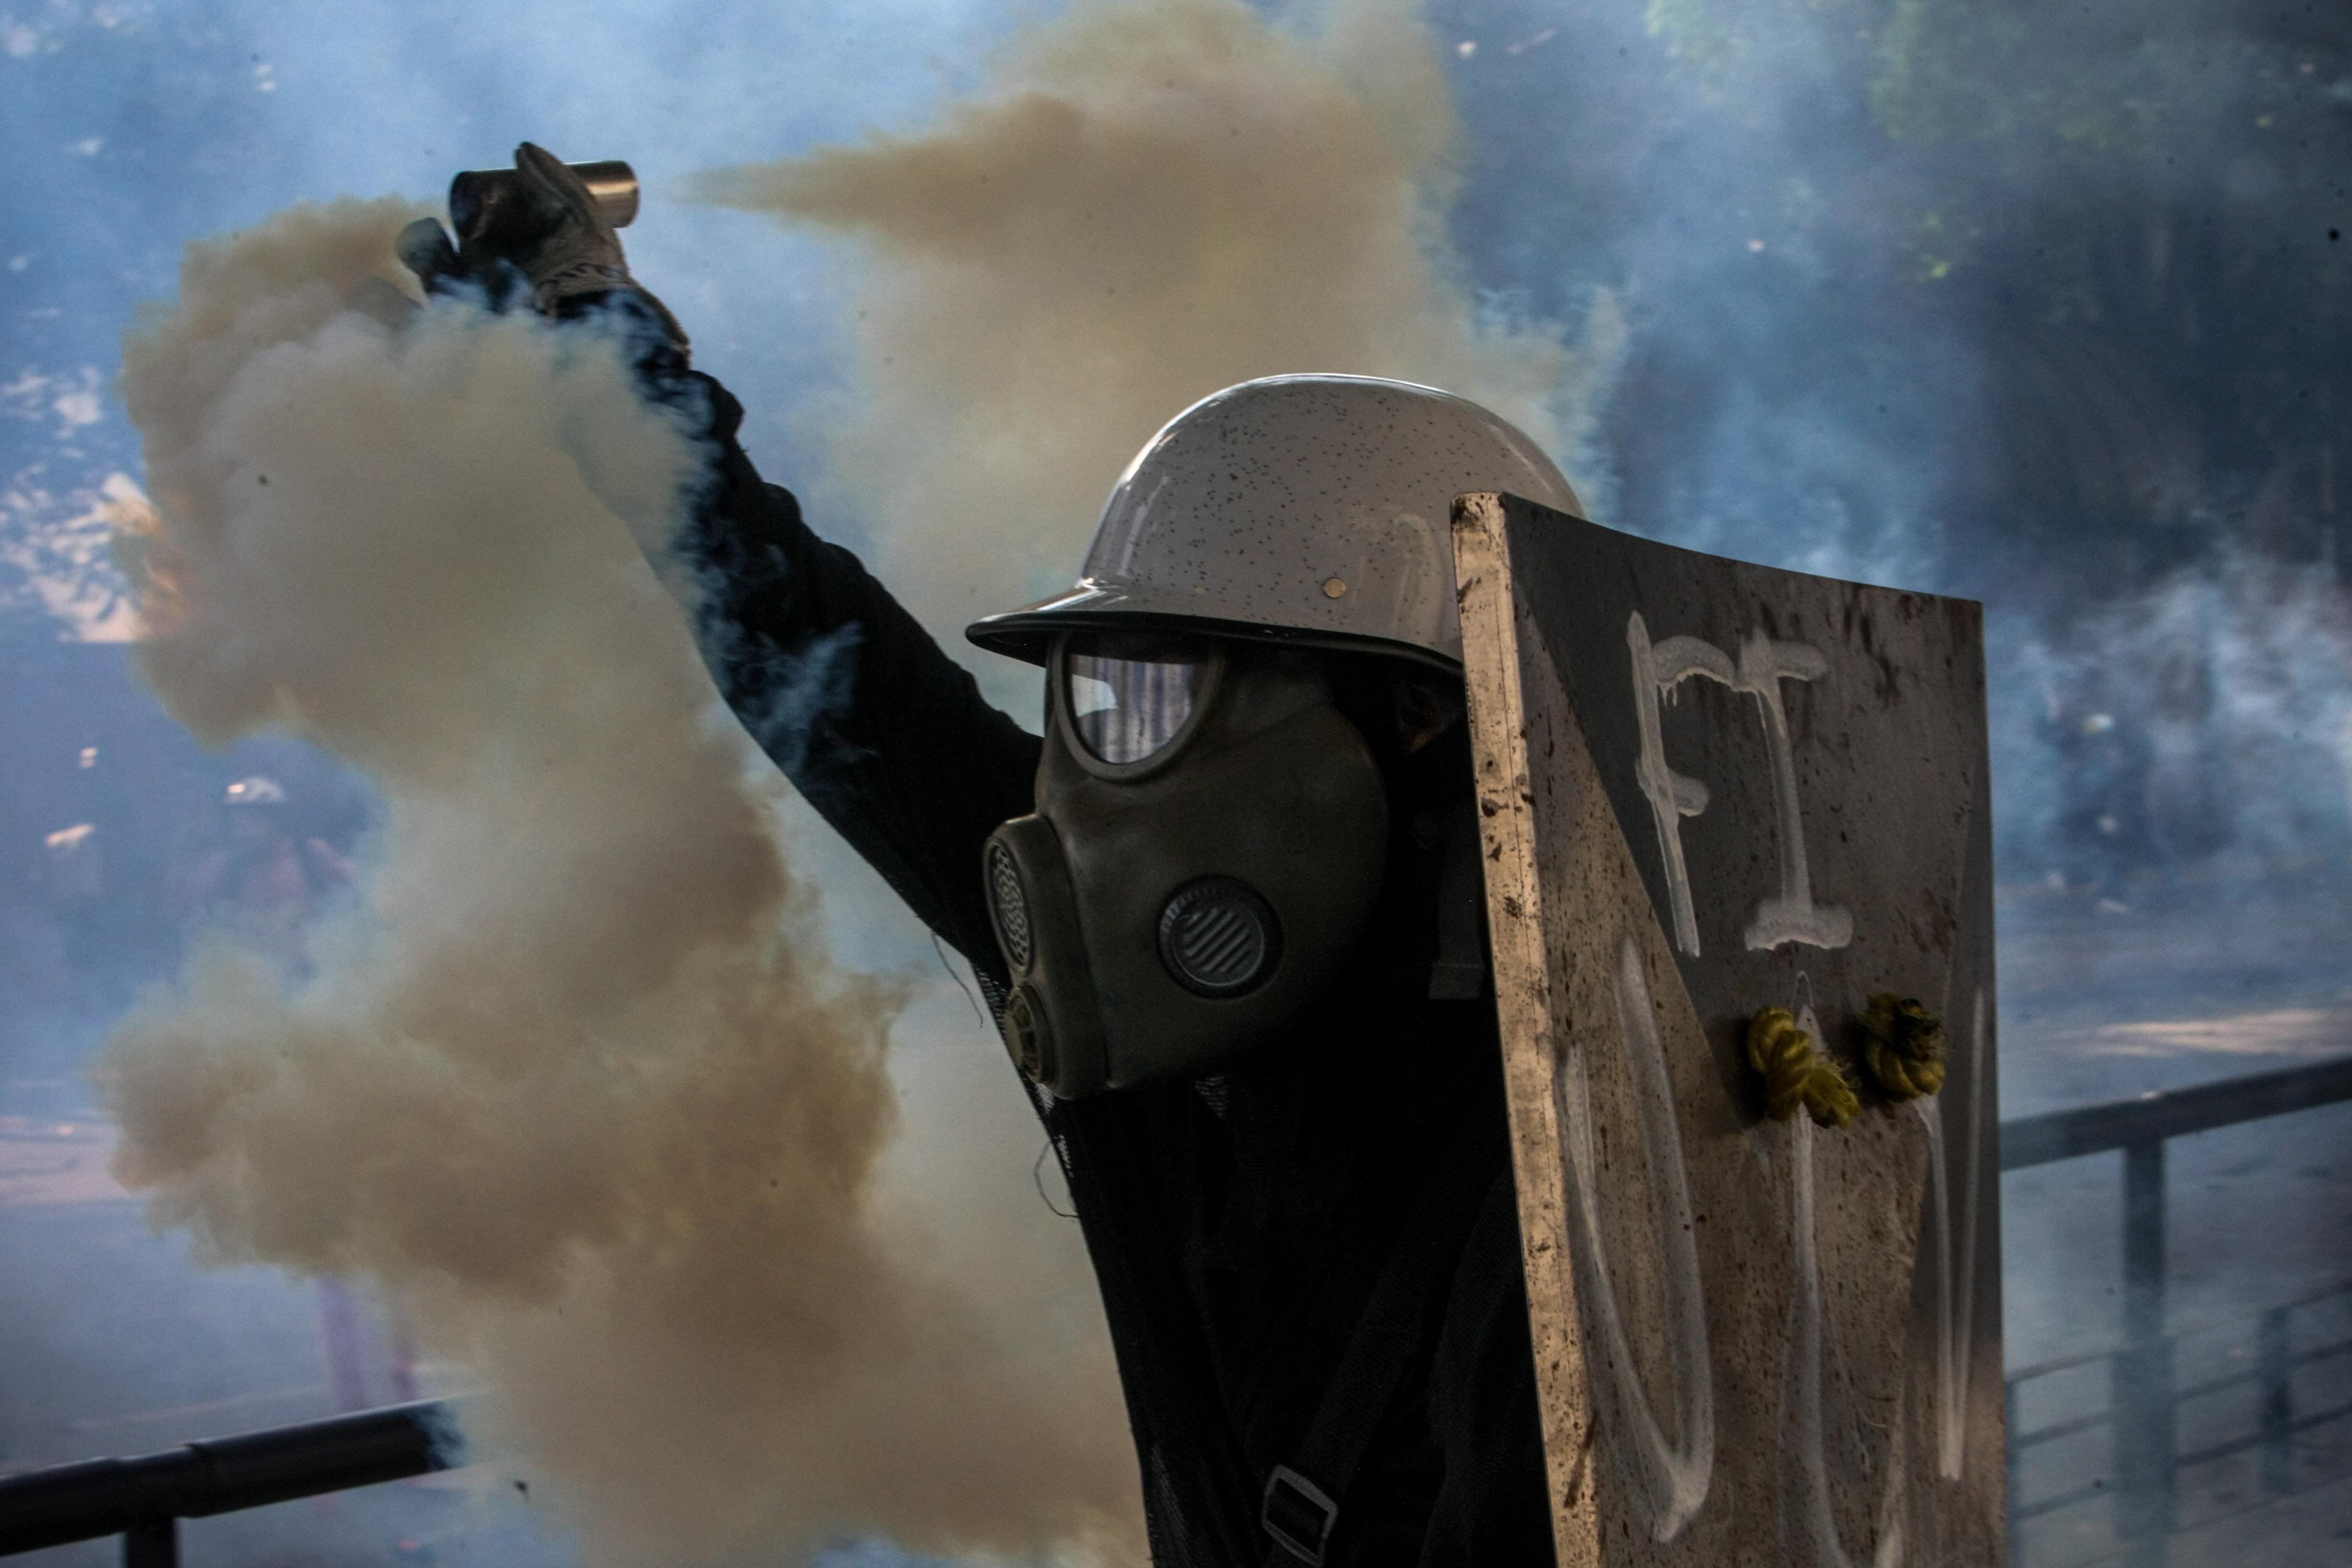 Un grup de manifestants s'enfronta a la Guàrdia Nacional Bolivariana (GNB) durant una marxa antigovernamental a Caracas (Veneçuela). /CRISTIAN HERNÁNDEZ